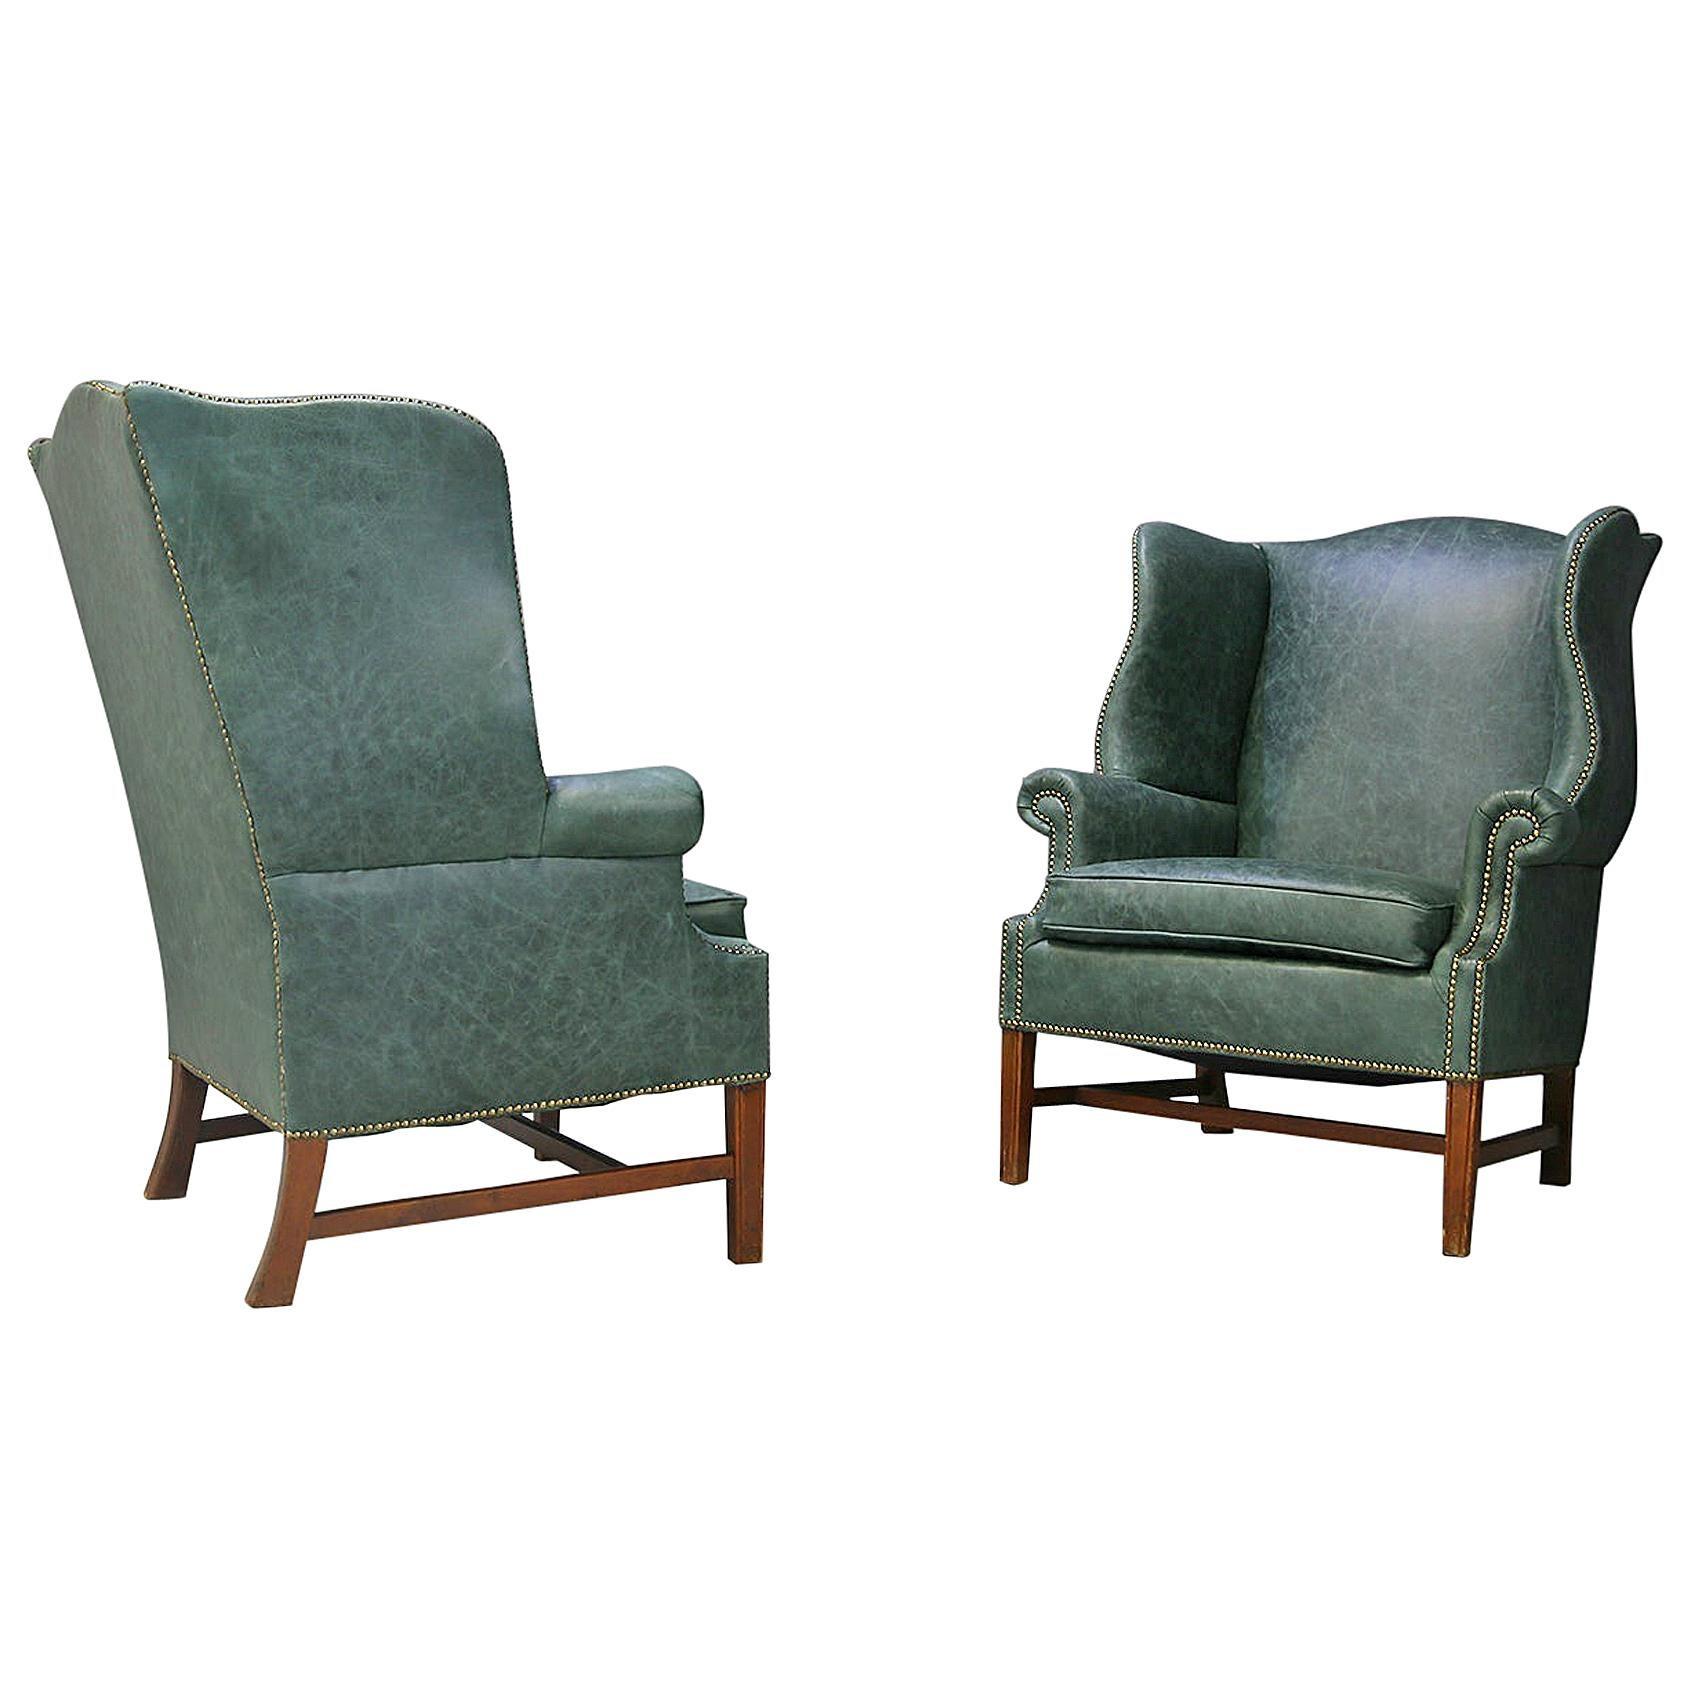 Pair of Midcentury Armchairs by Peter Hvidt & Orla Mølgaard Nielsen Wingback